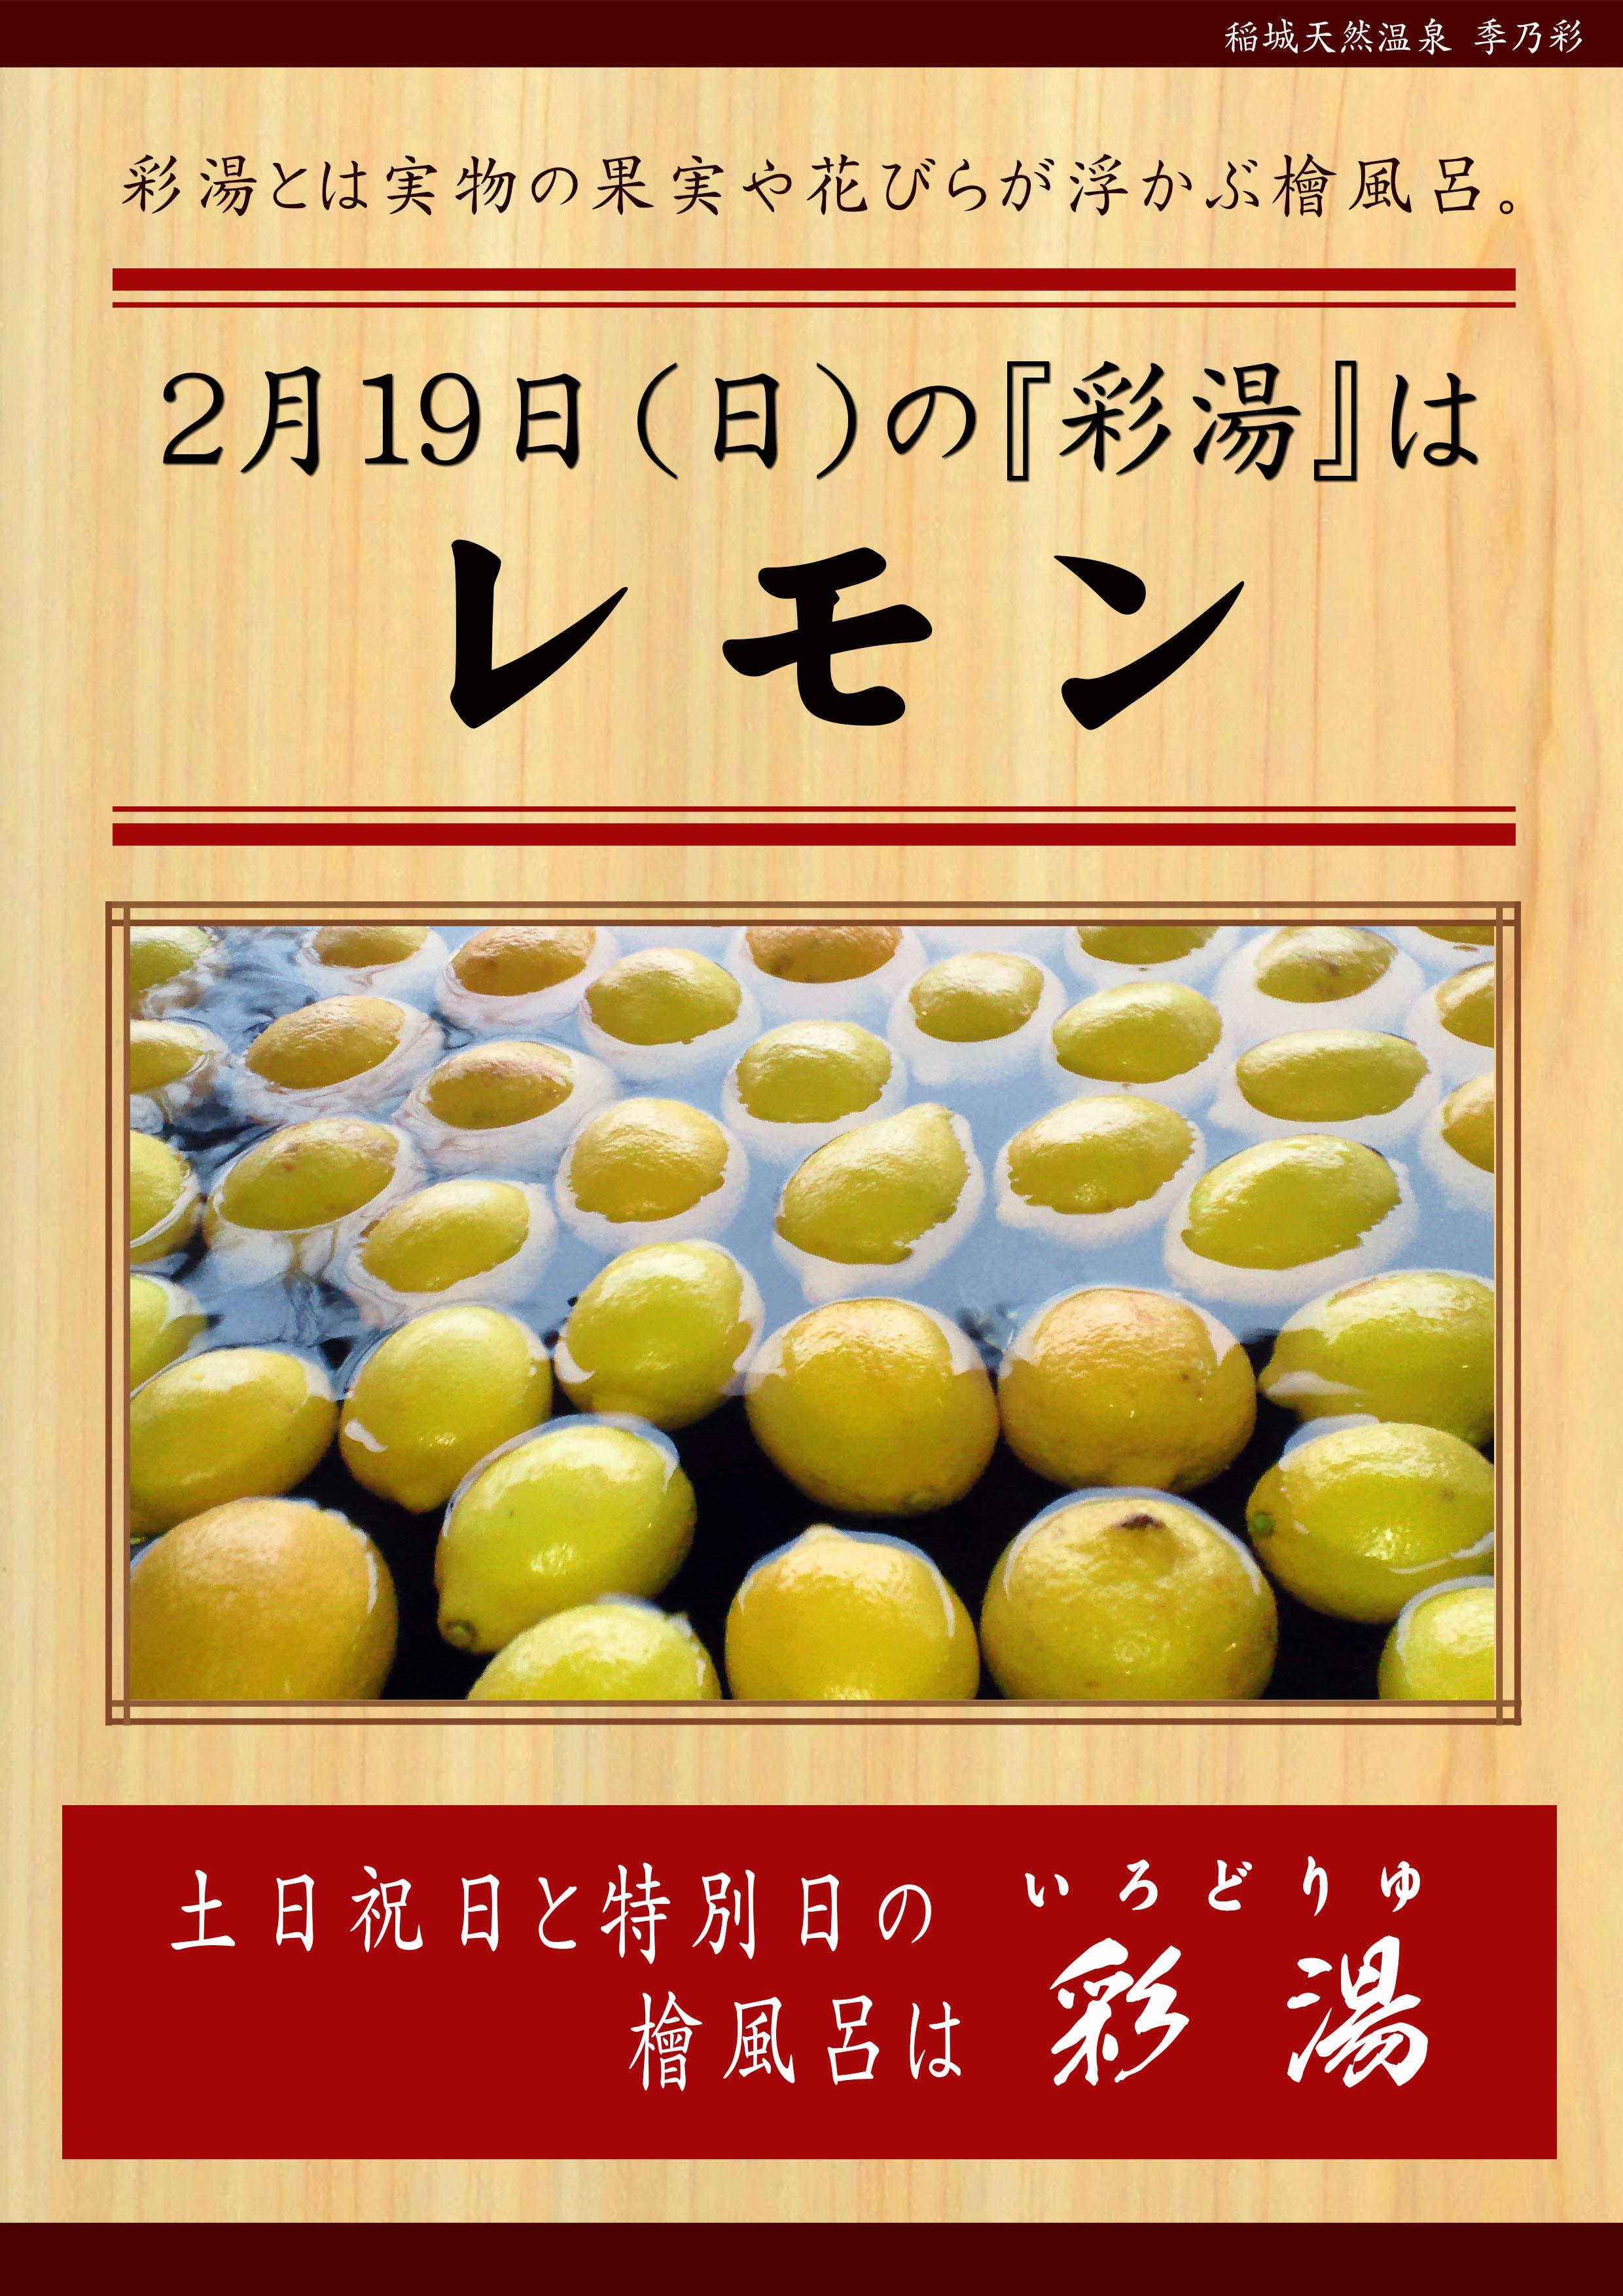 20170219POP イベント 彩湯 レモン